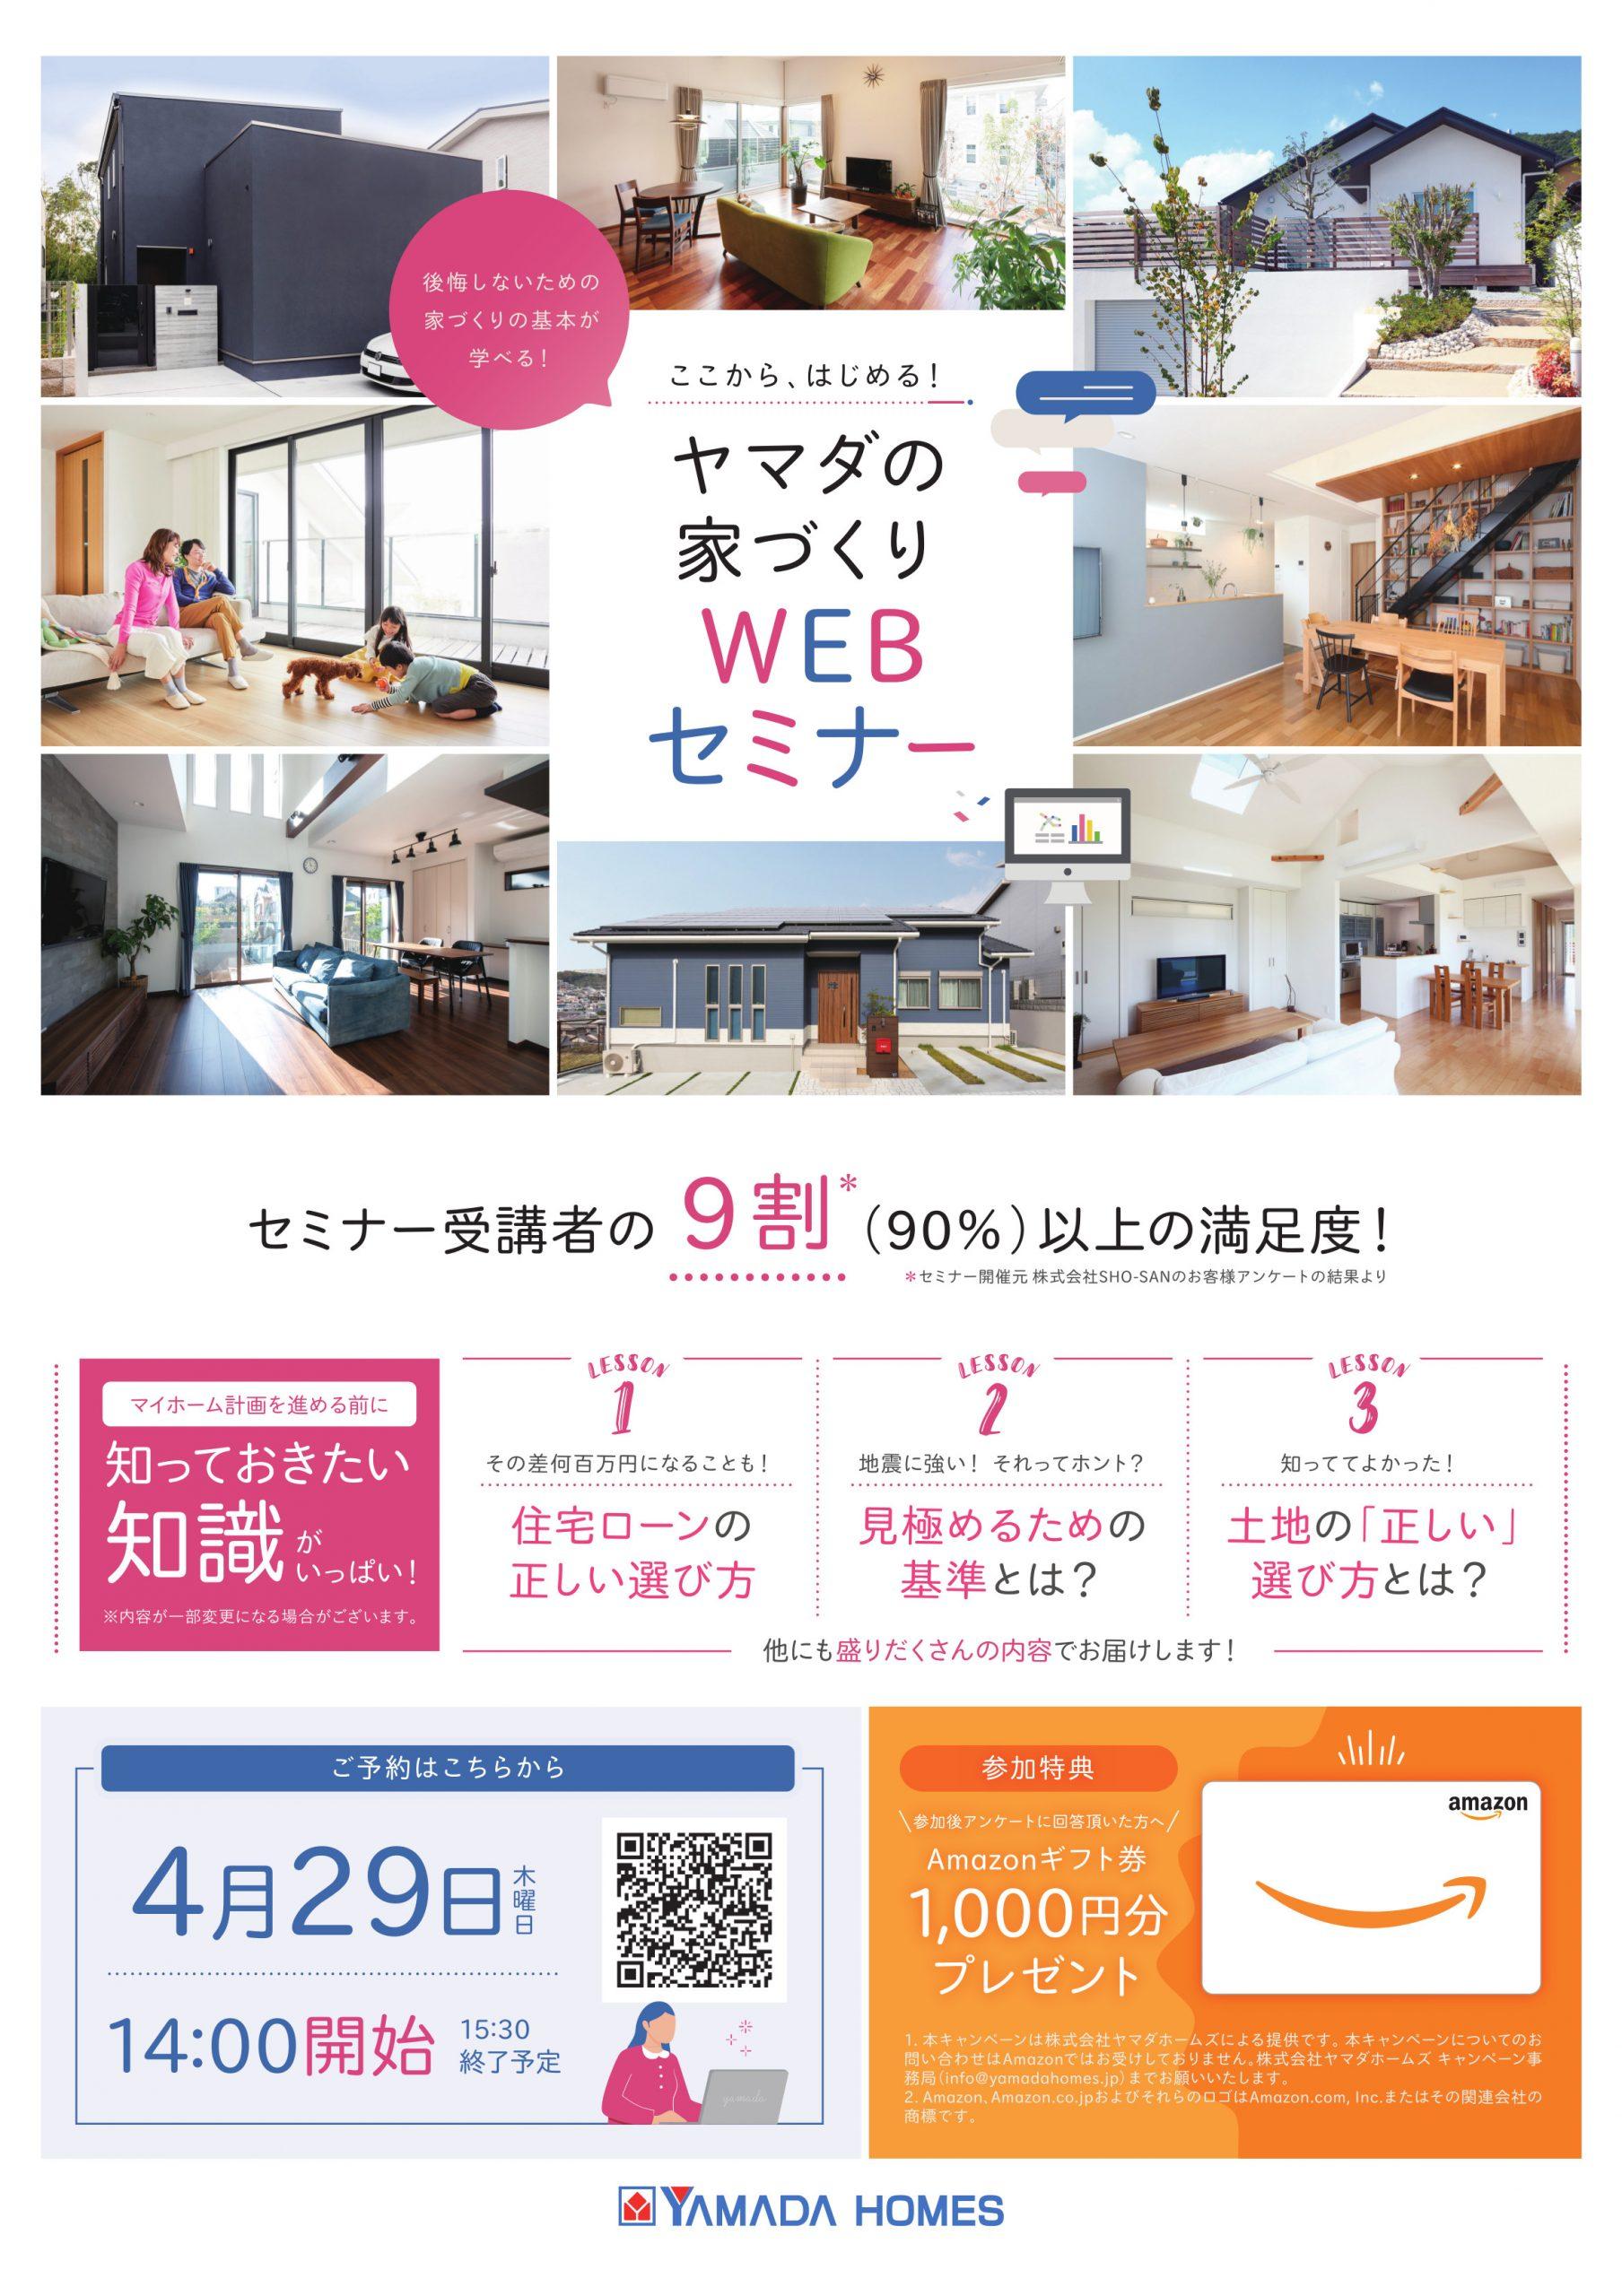 ヤマダの家づくりWEBセミナー(4月29日(木)14:00開始)